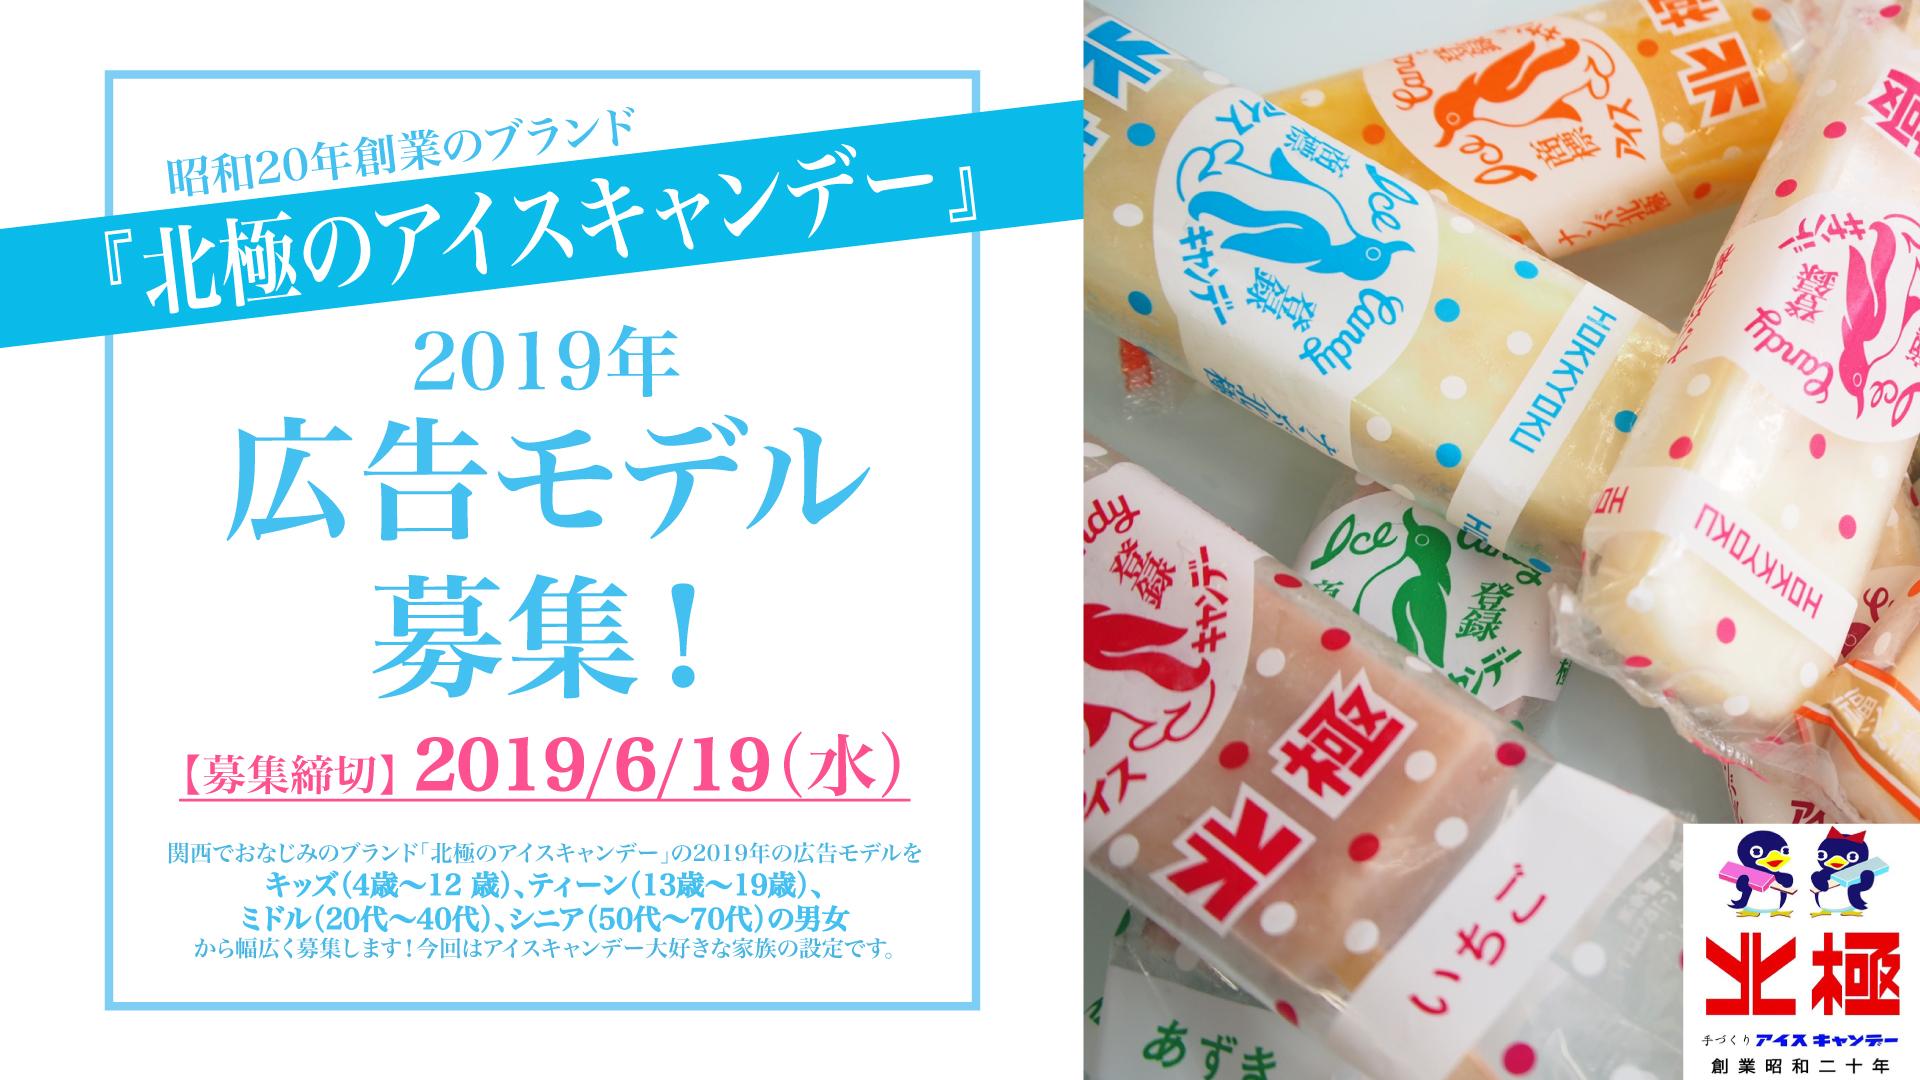 【応募受付終了】昭和20年創業のブランド『北極のアイスキャンデー』2019年広告モデル募集!